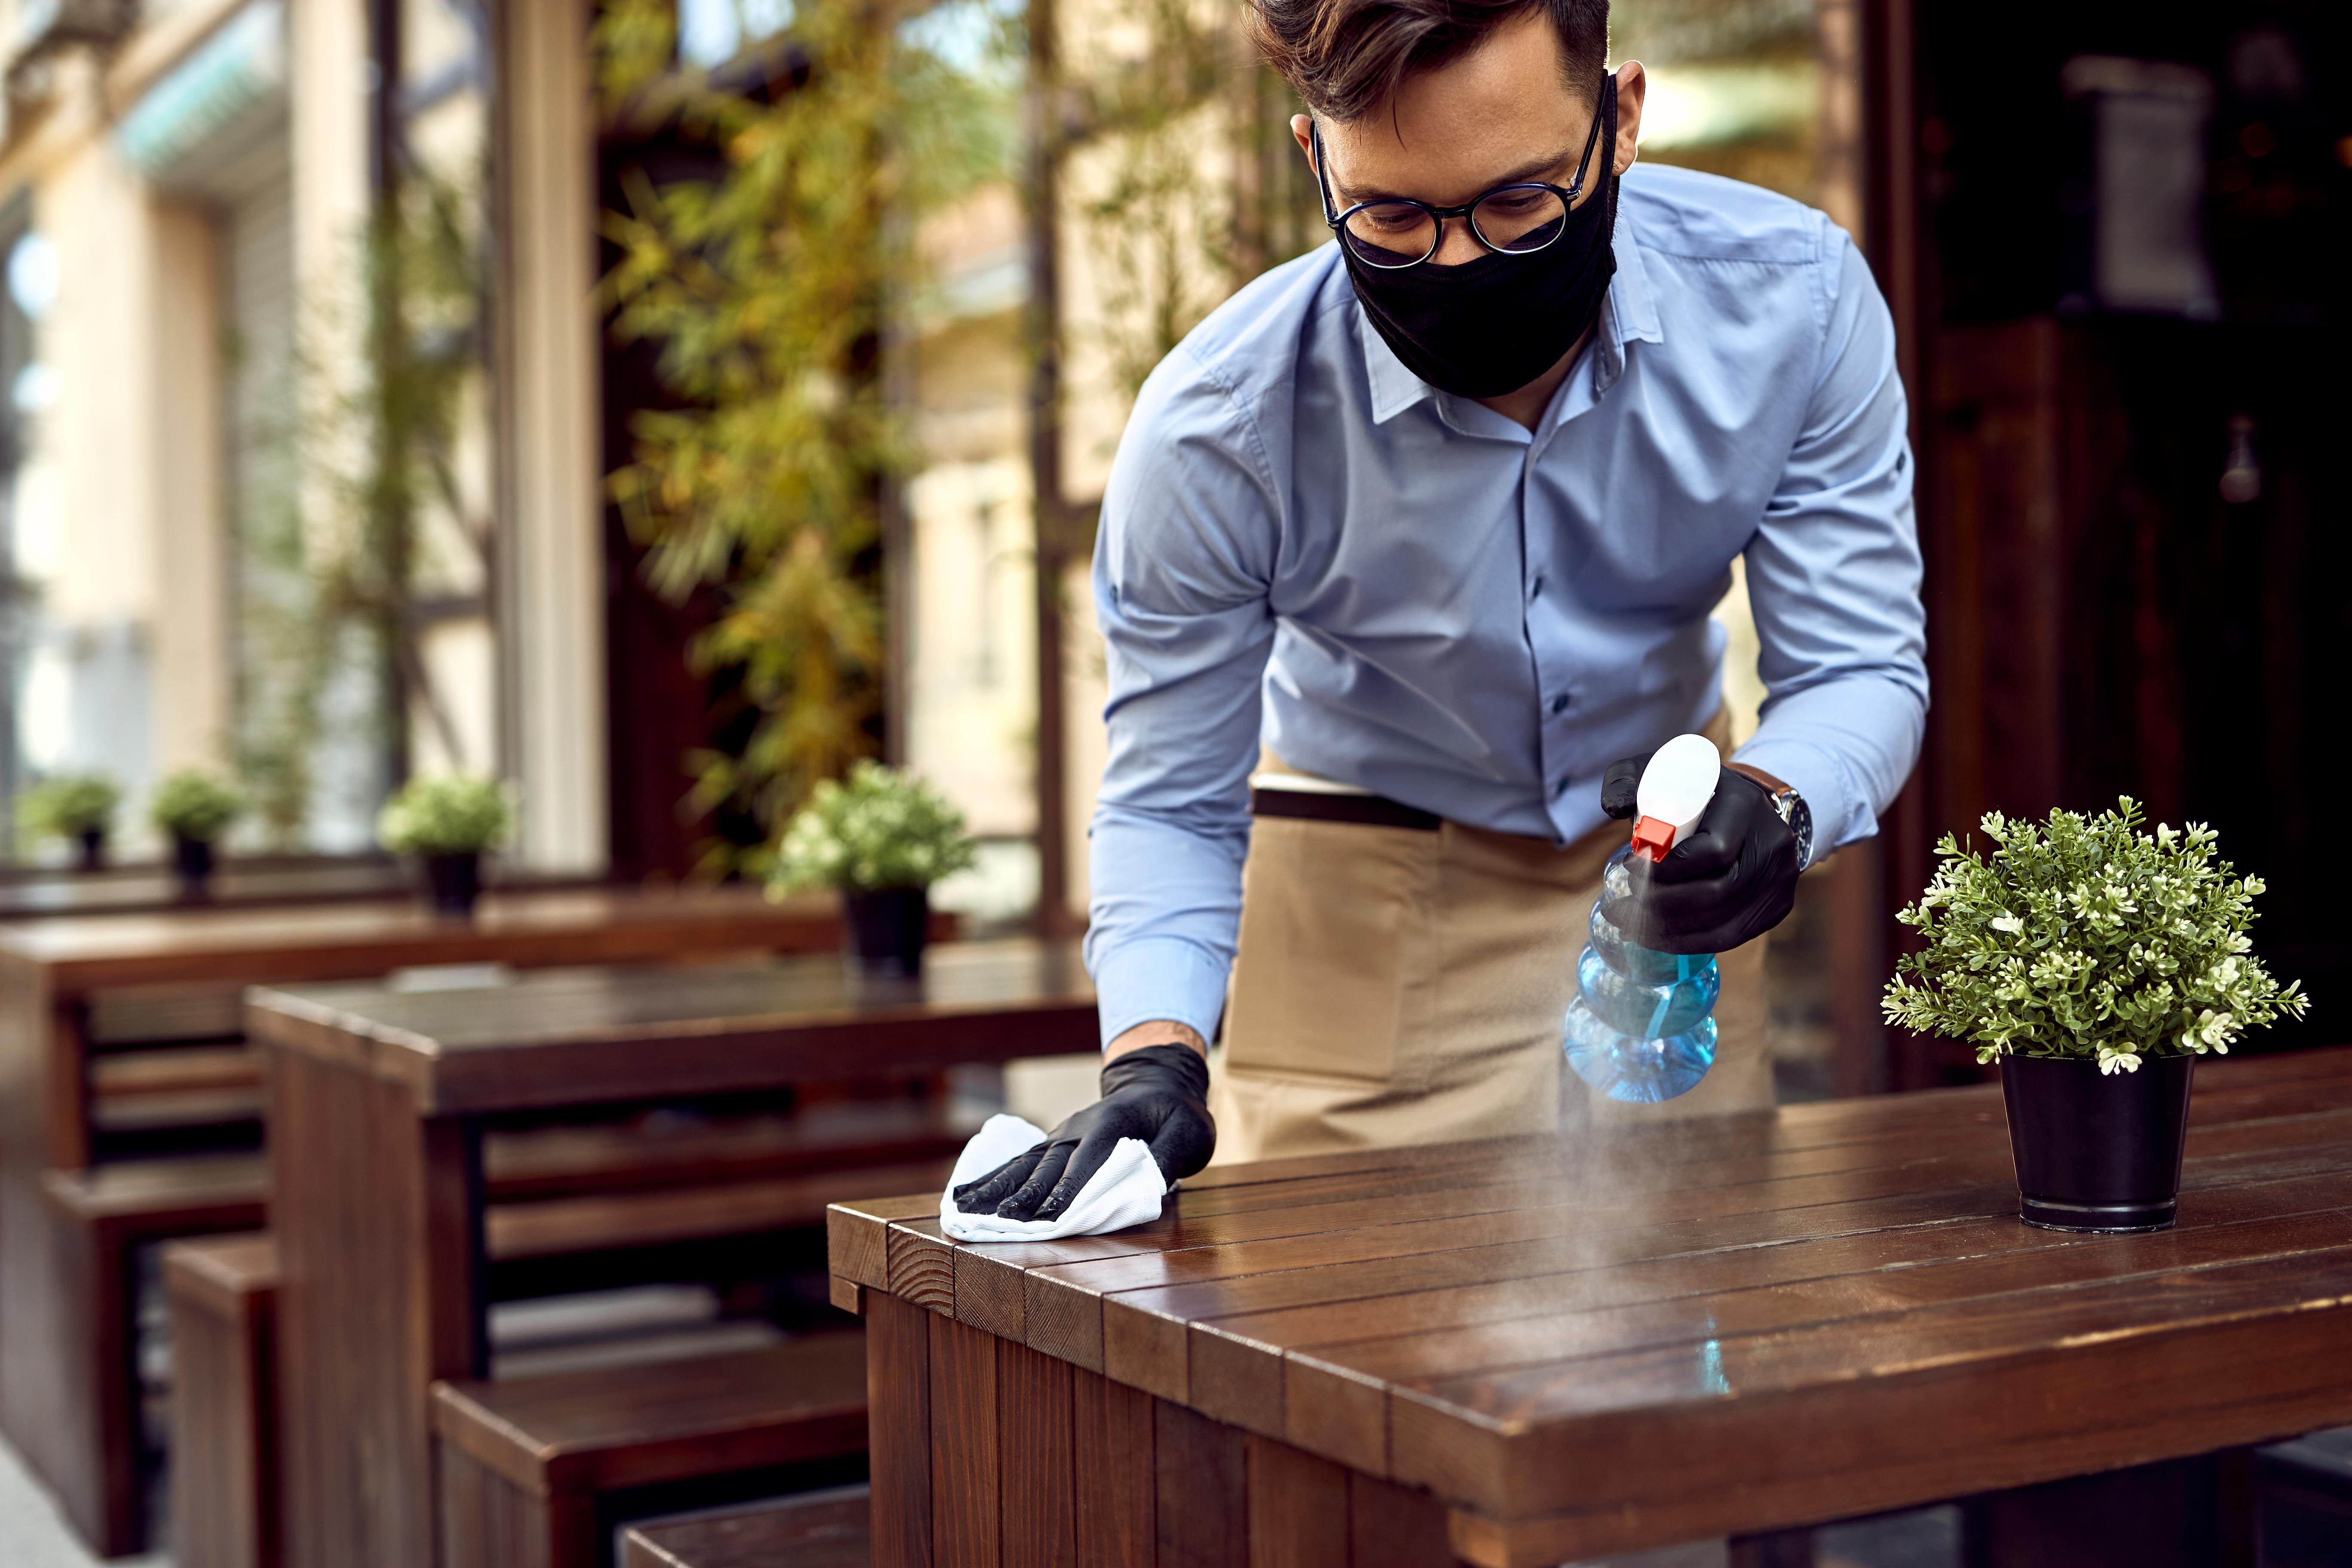 一位戴着眼镜、穿着蓝色衬衫的服务员戴着黑色的防护口罩在户外露台上为桌子消毒